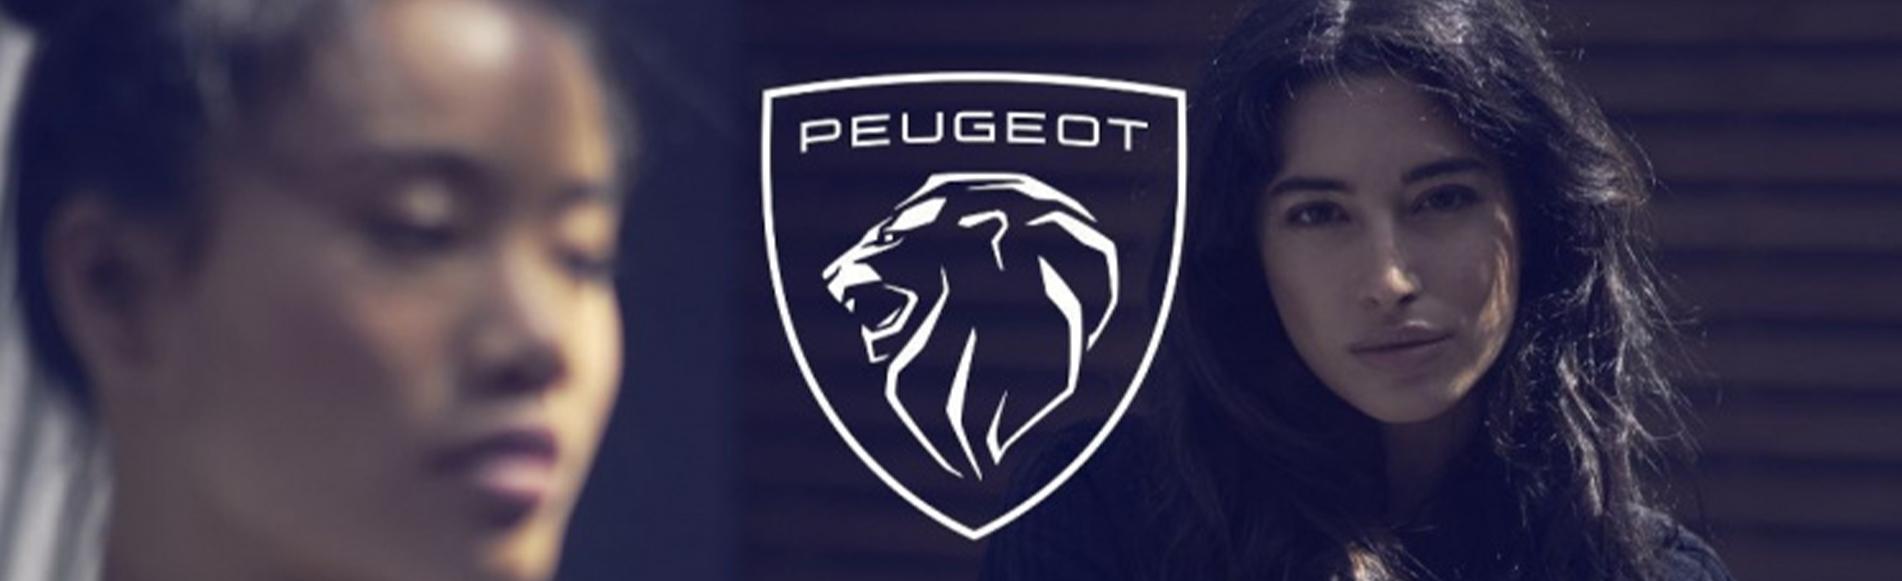 PEUGEOT: un nouvel emblème, le lion rugit plus fort.